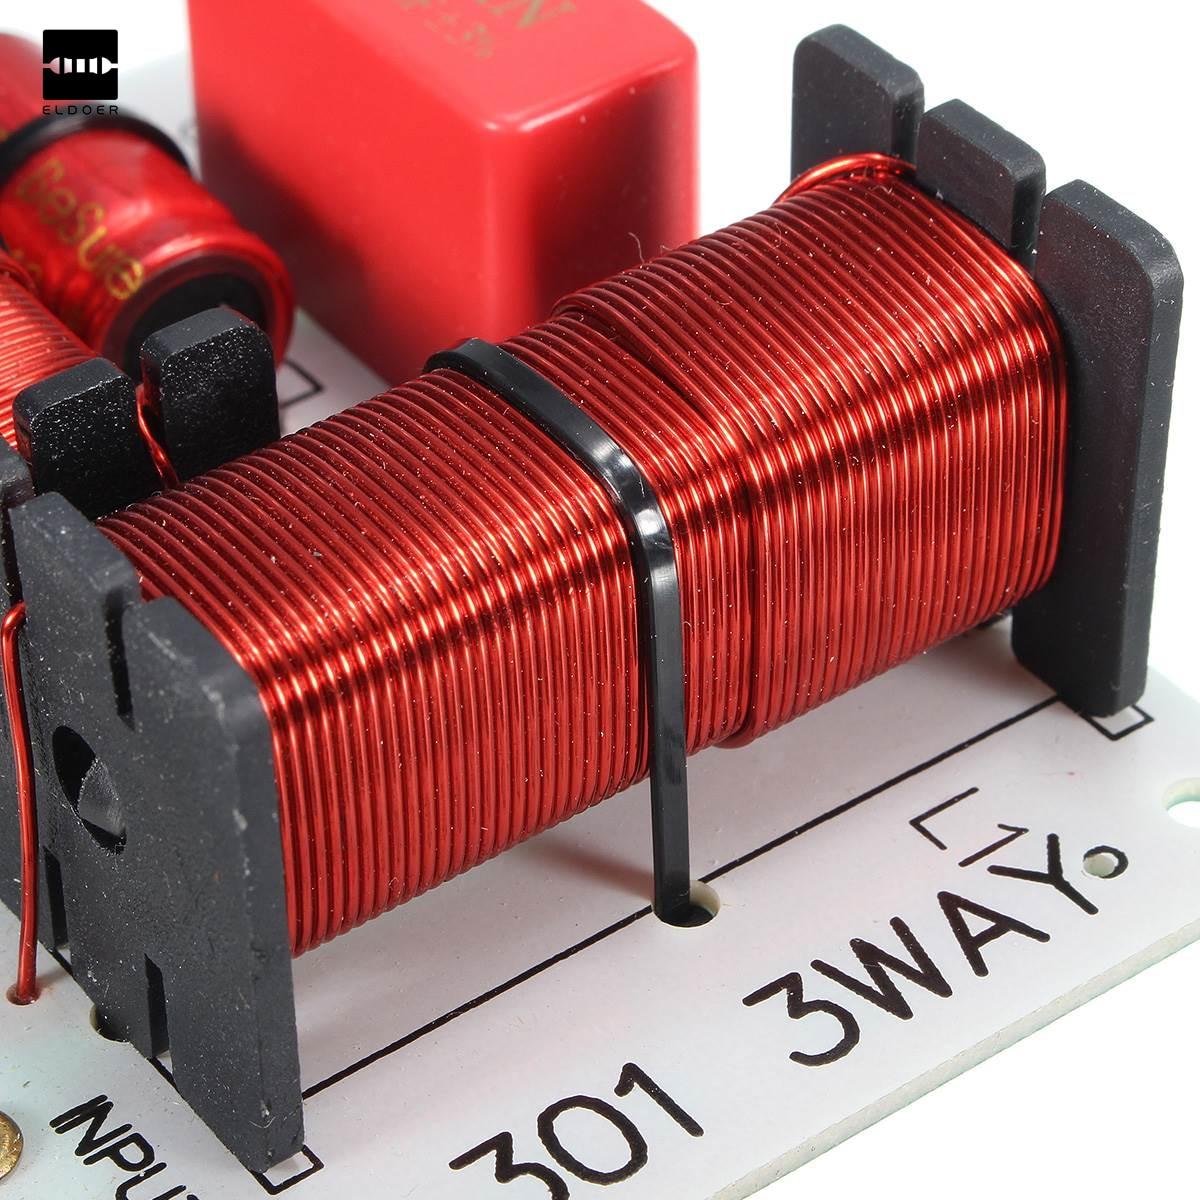 1 PC Nouveau Professionnel 150 W Multi Haut-Parleur Audio Diviseur de Fréquence 3 Way Crossover Filtres Composants Acoustiques